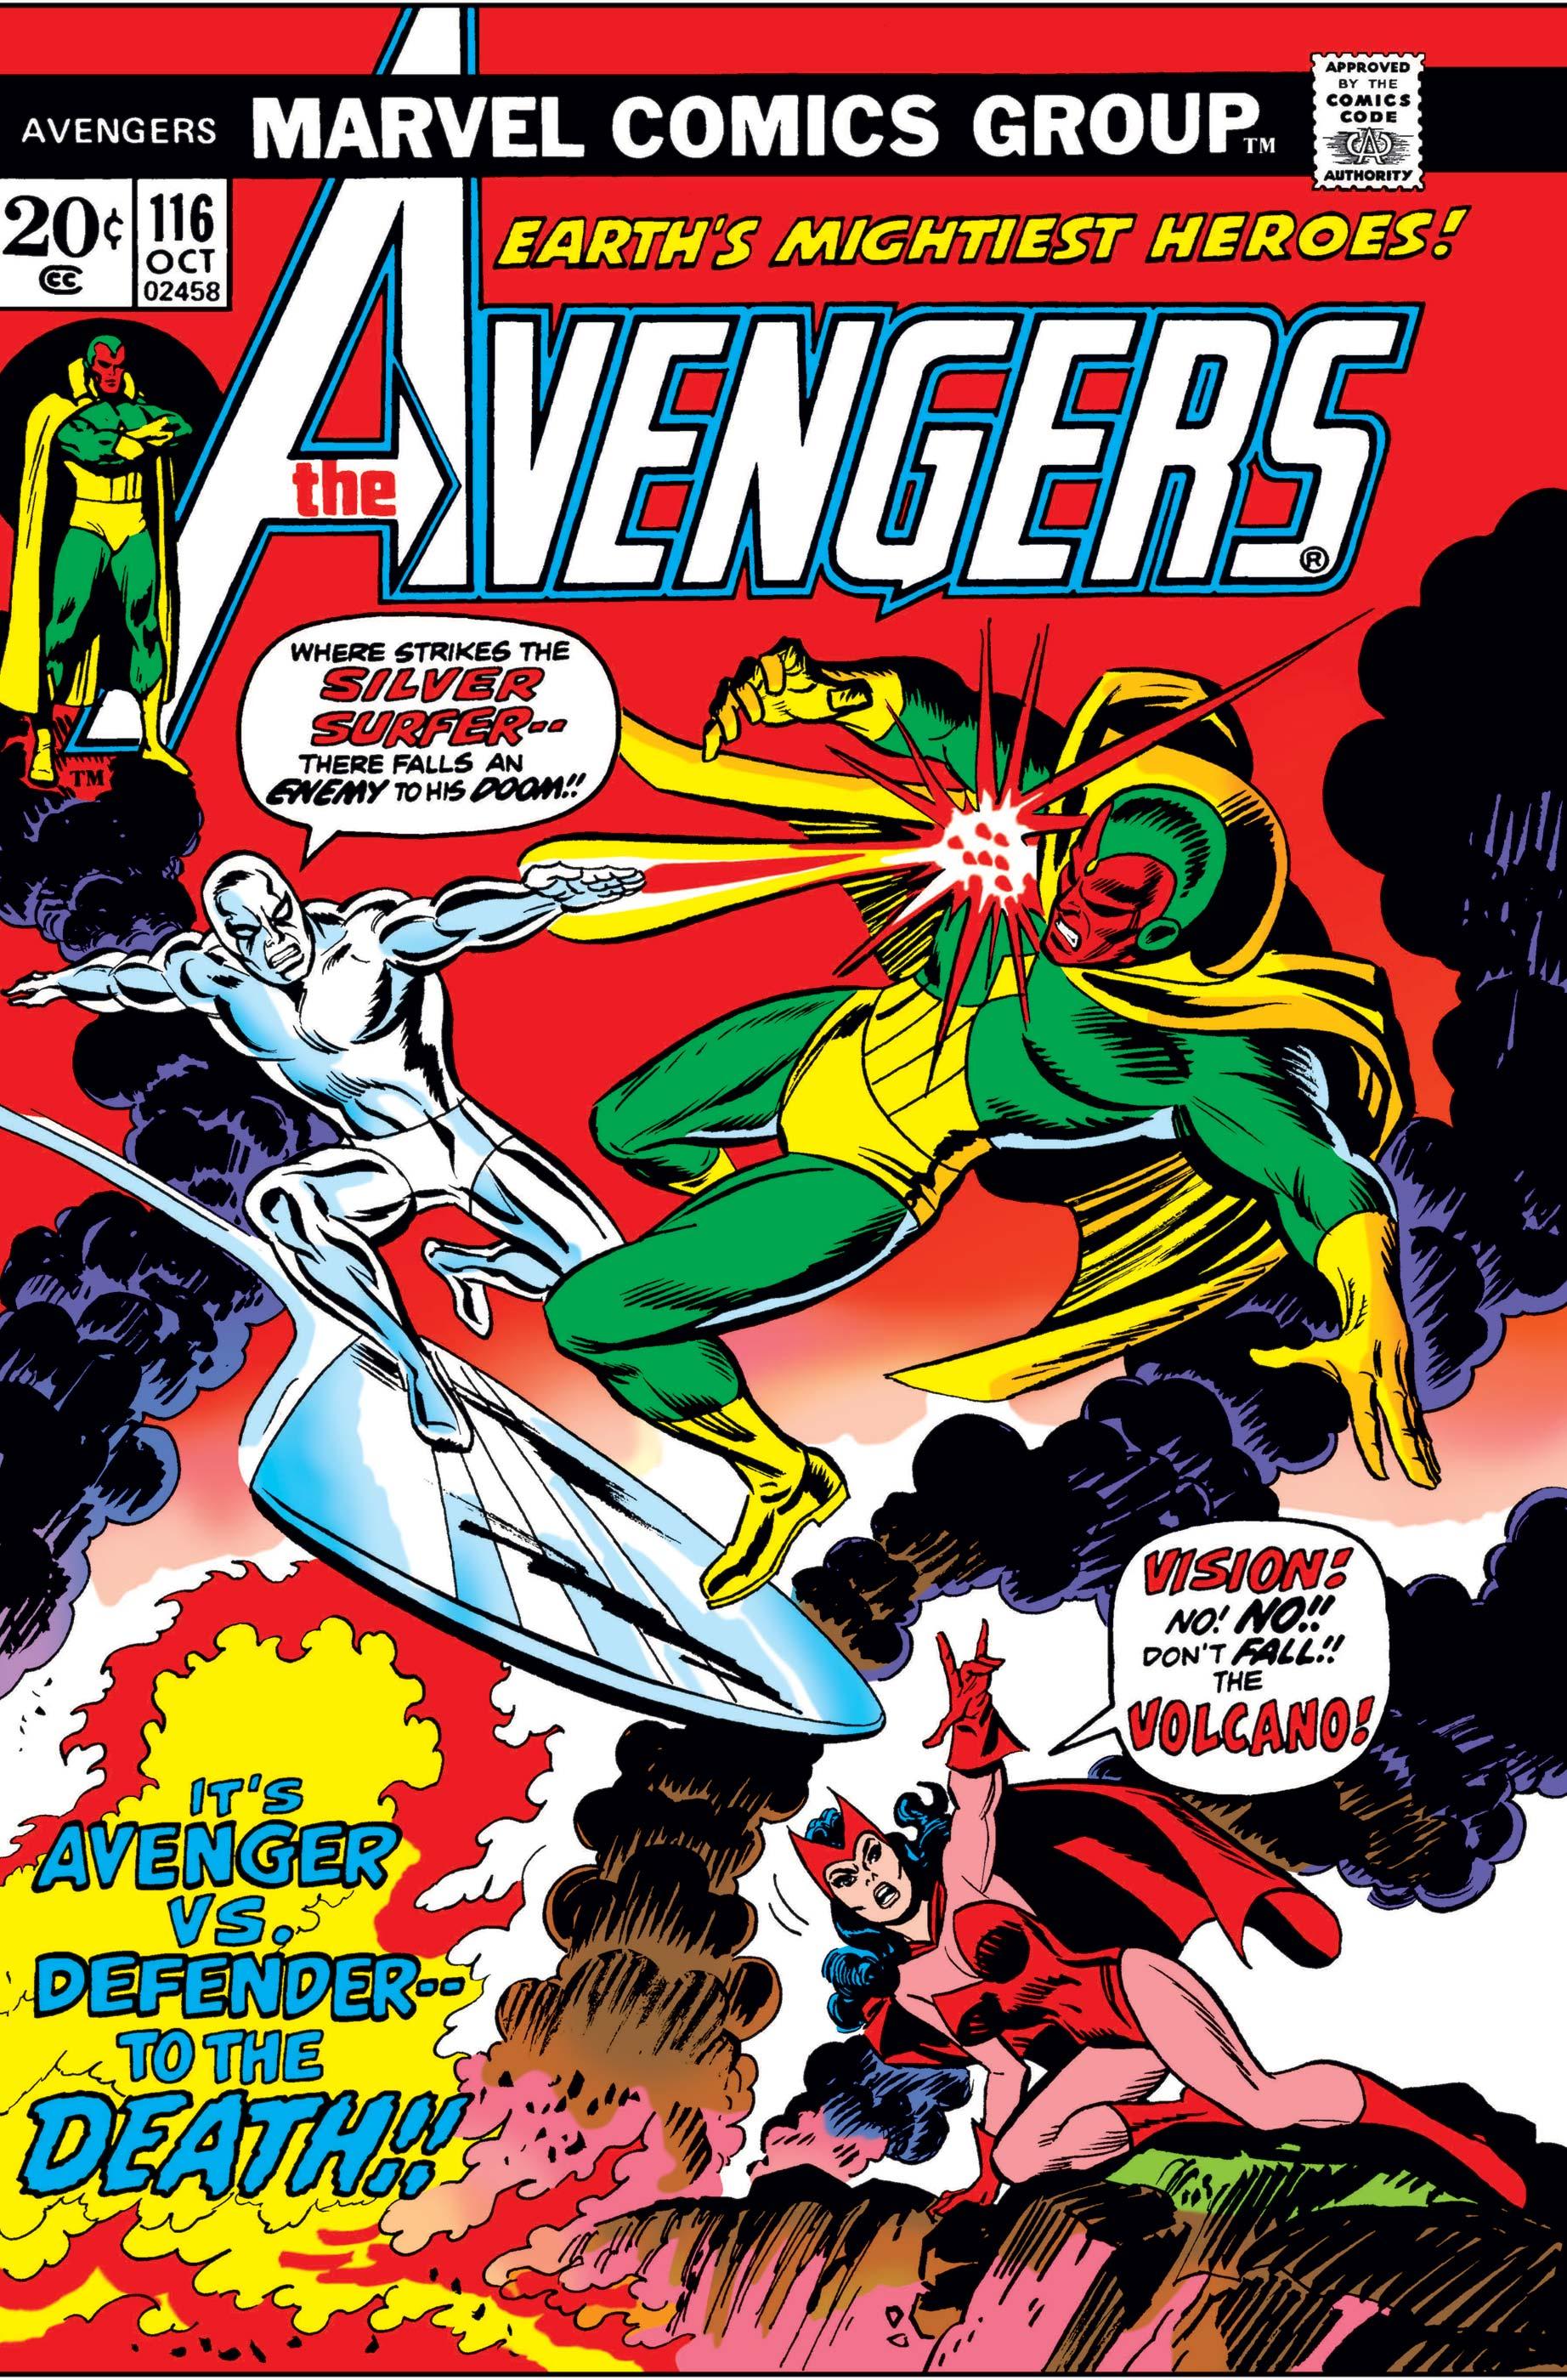 Avengers (1963) #116